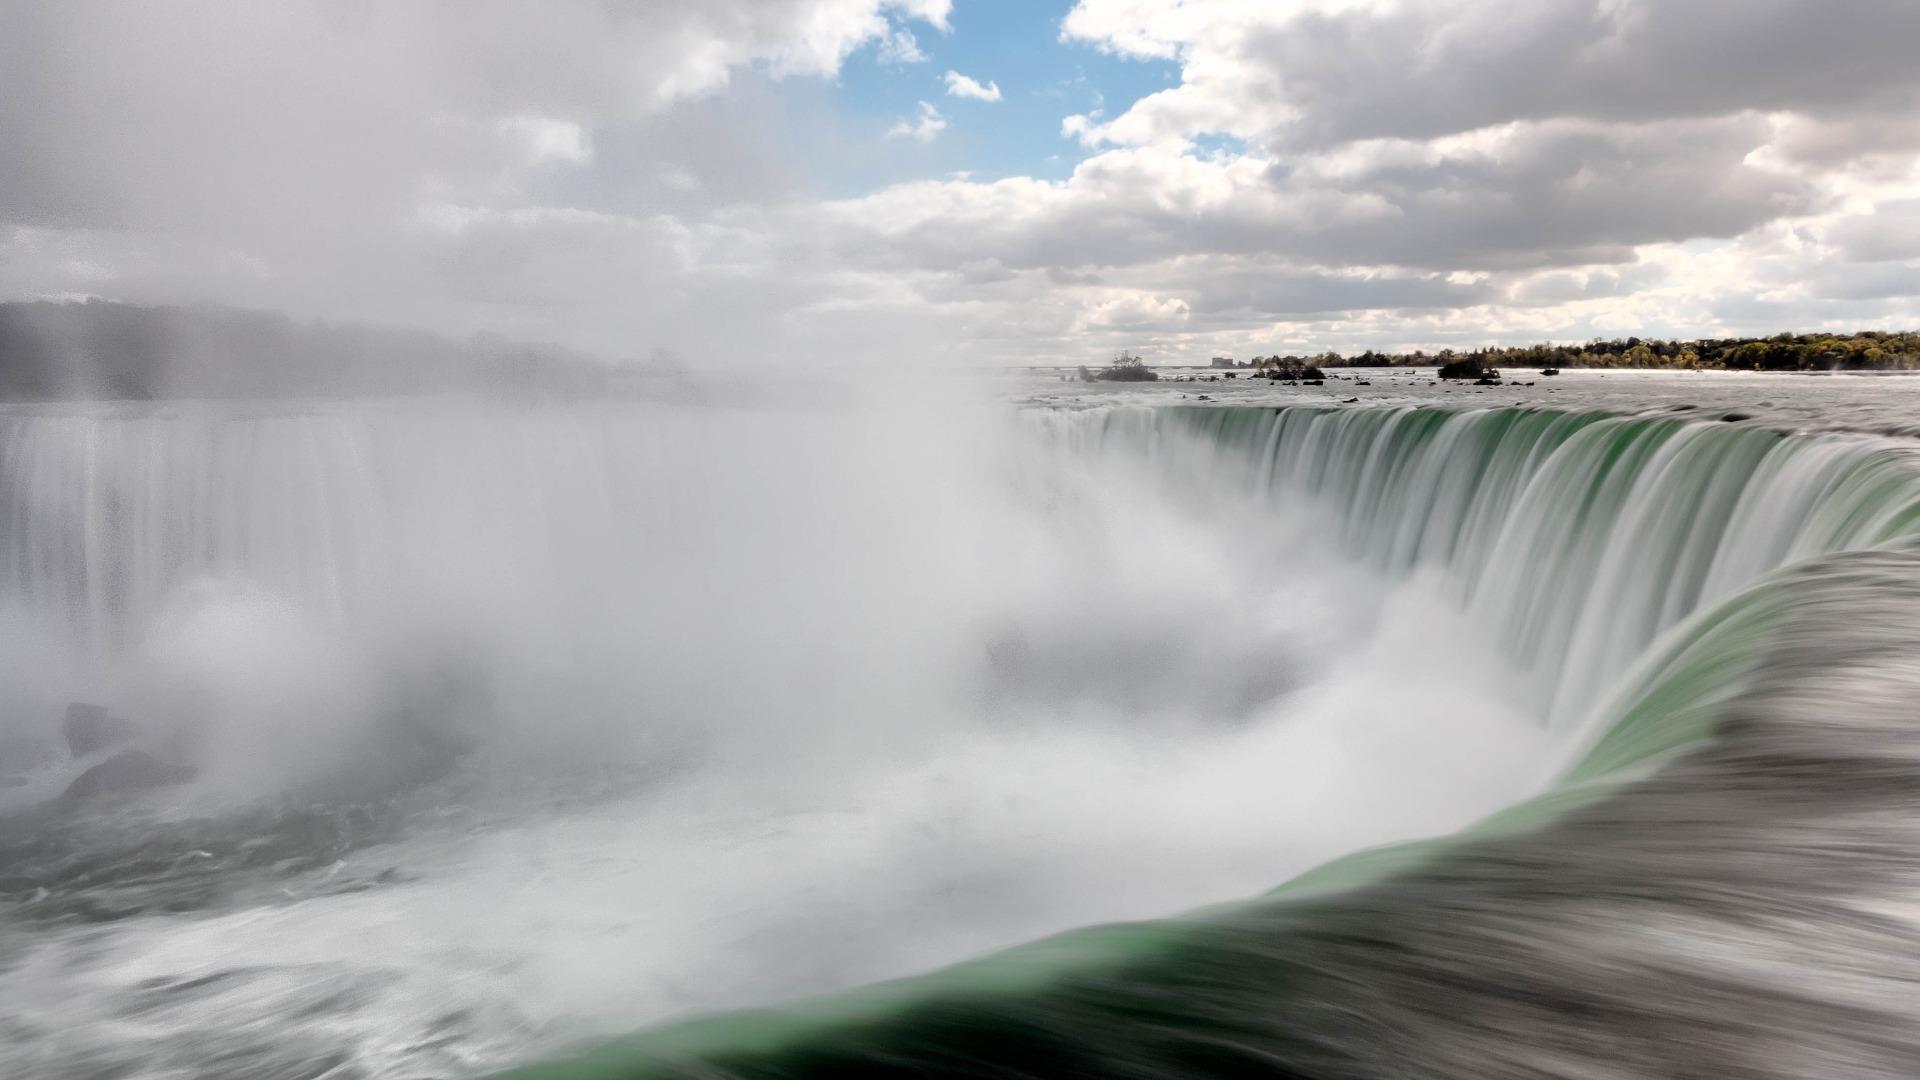 Visita las Cataratas del Niágara desde una perspectiva diferente: tirolesa